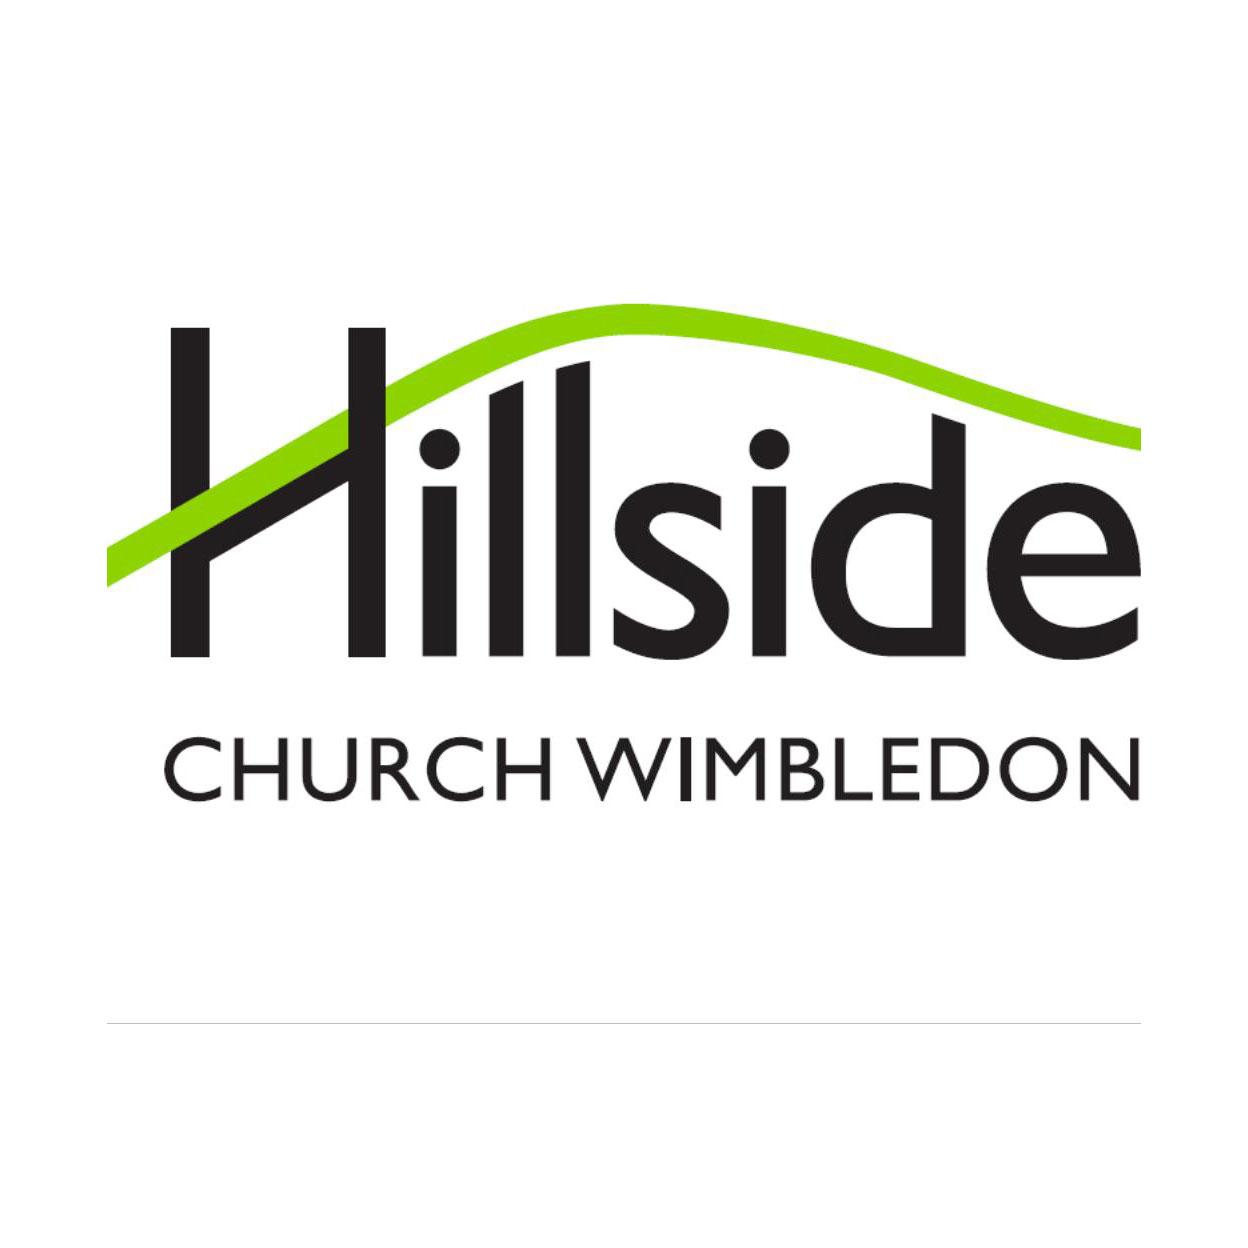 Hillside Church Wimbledon